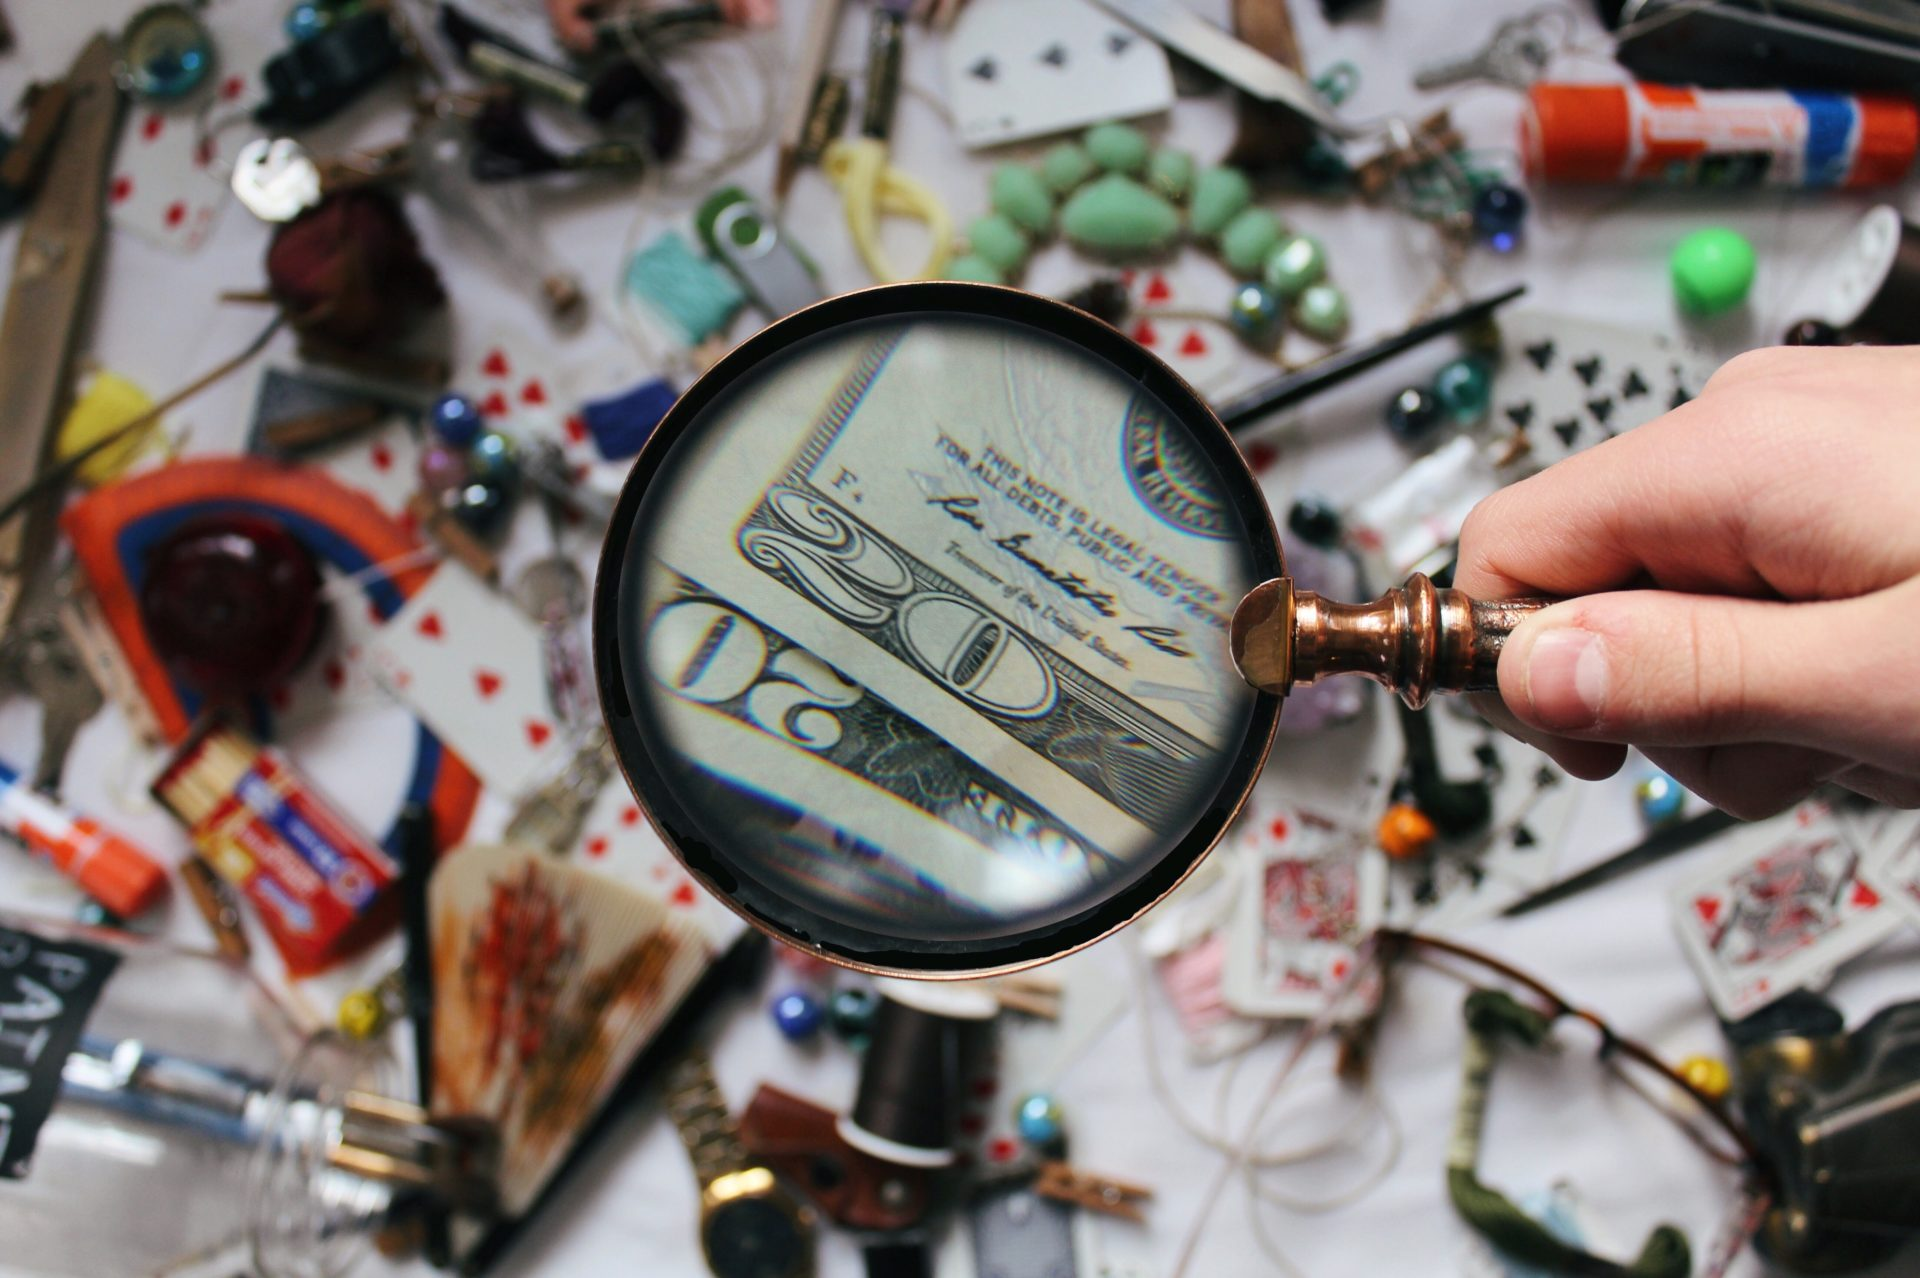 Quelle est la valeur réelle de votre entreprise?